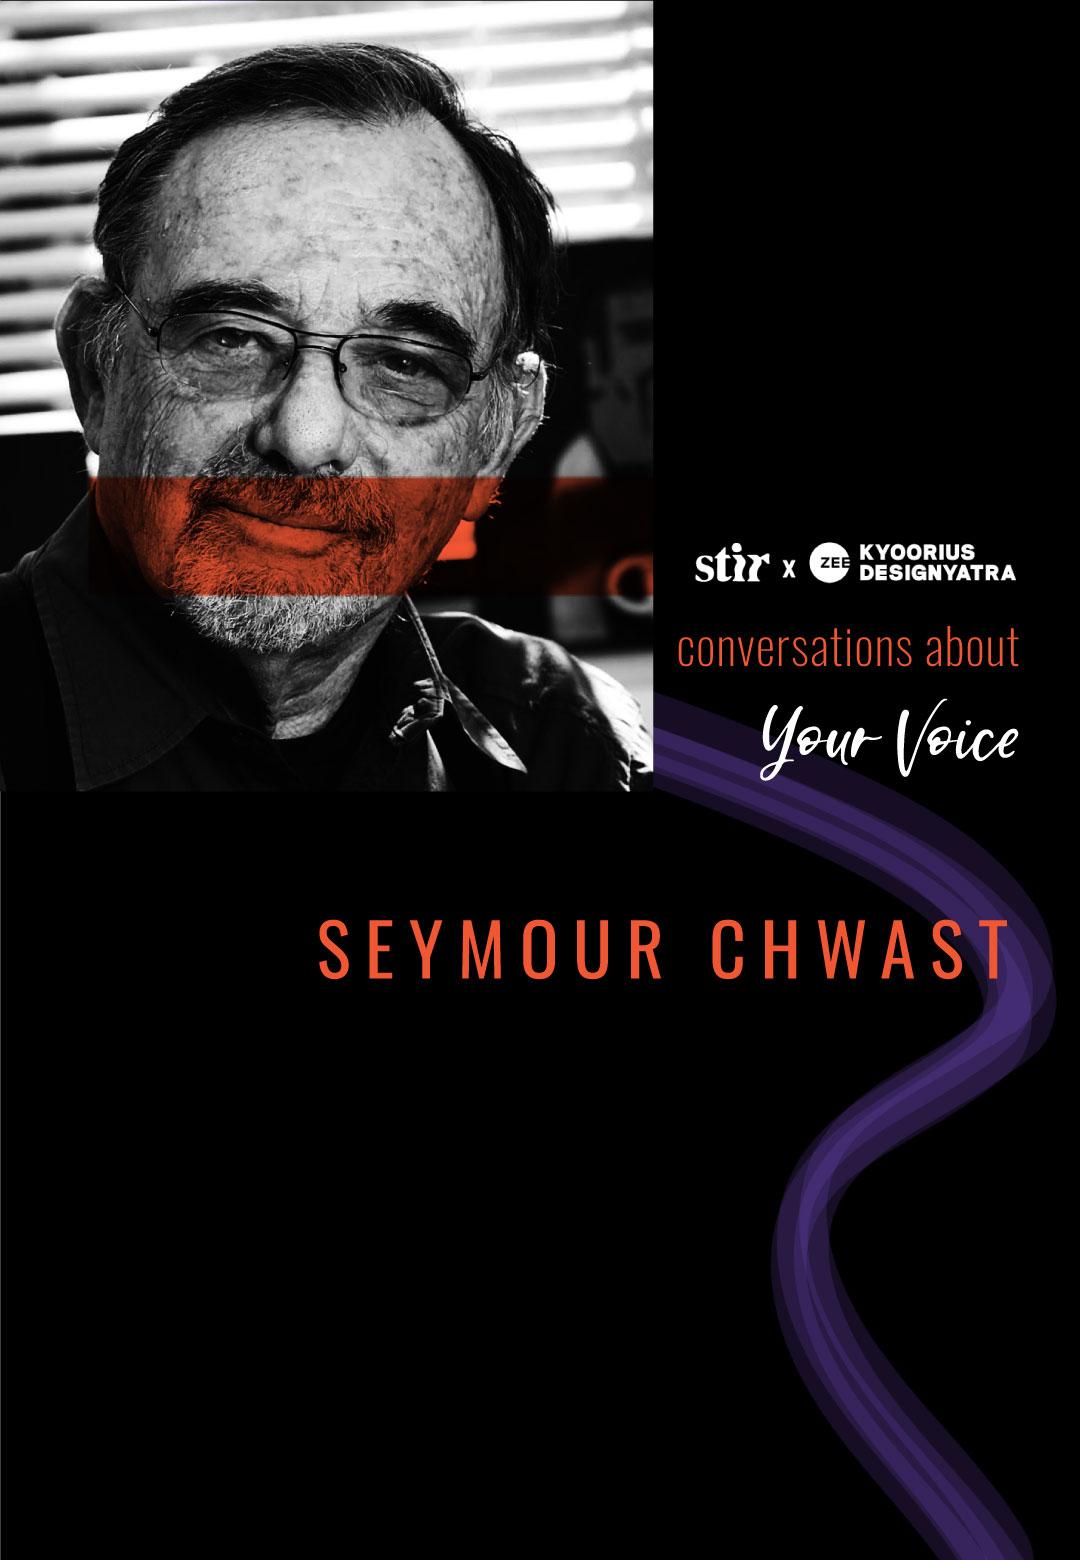 STIR in conversation with Seymour Chwast | Conversations About Your Voice | STIR X Kyoorius Designyatra | STIRworld